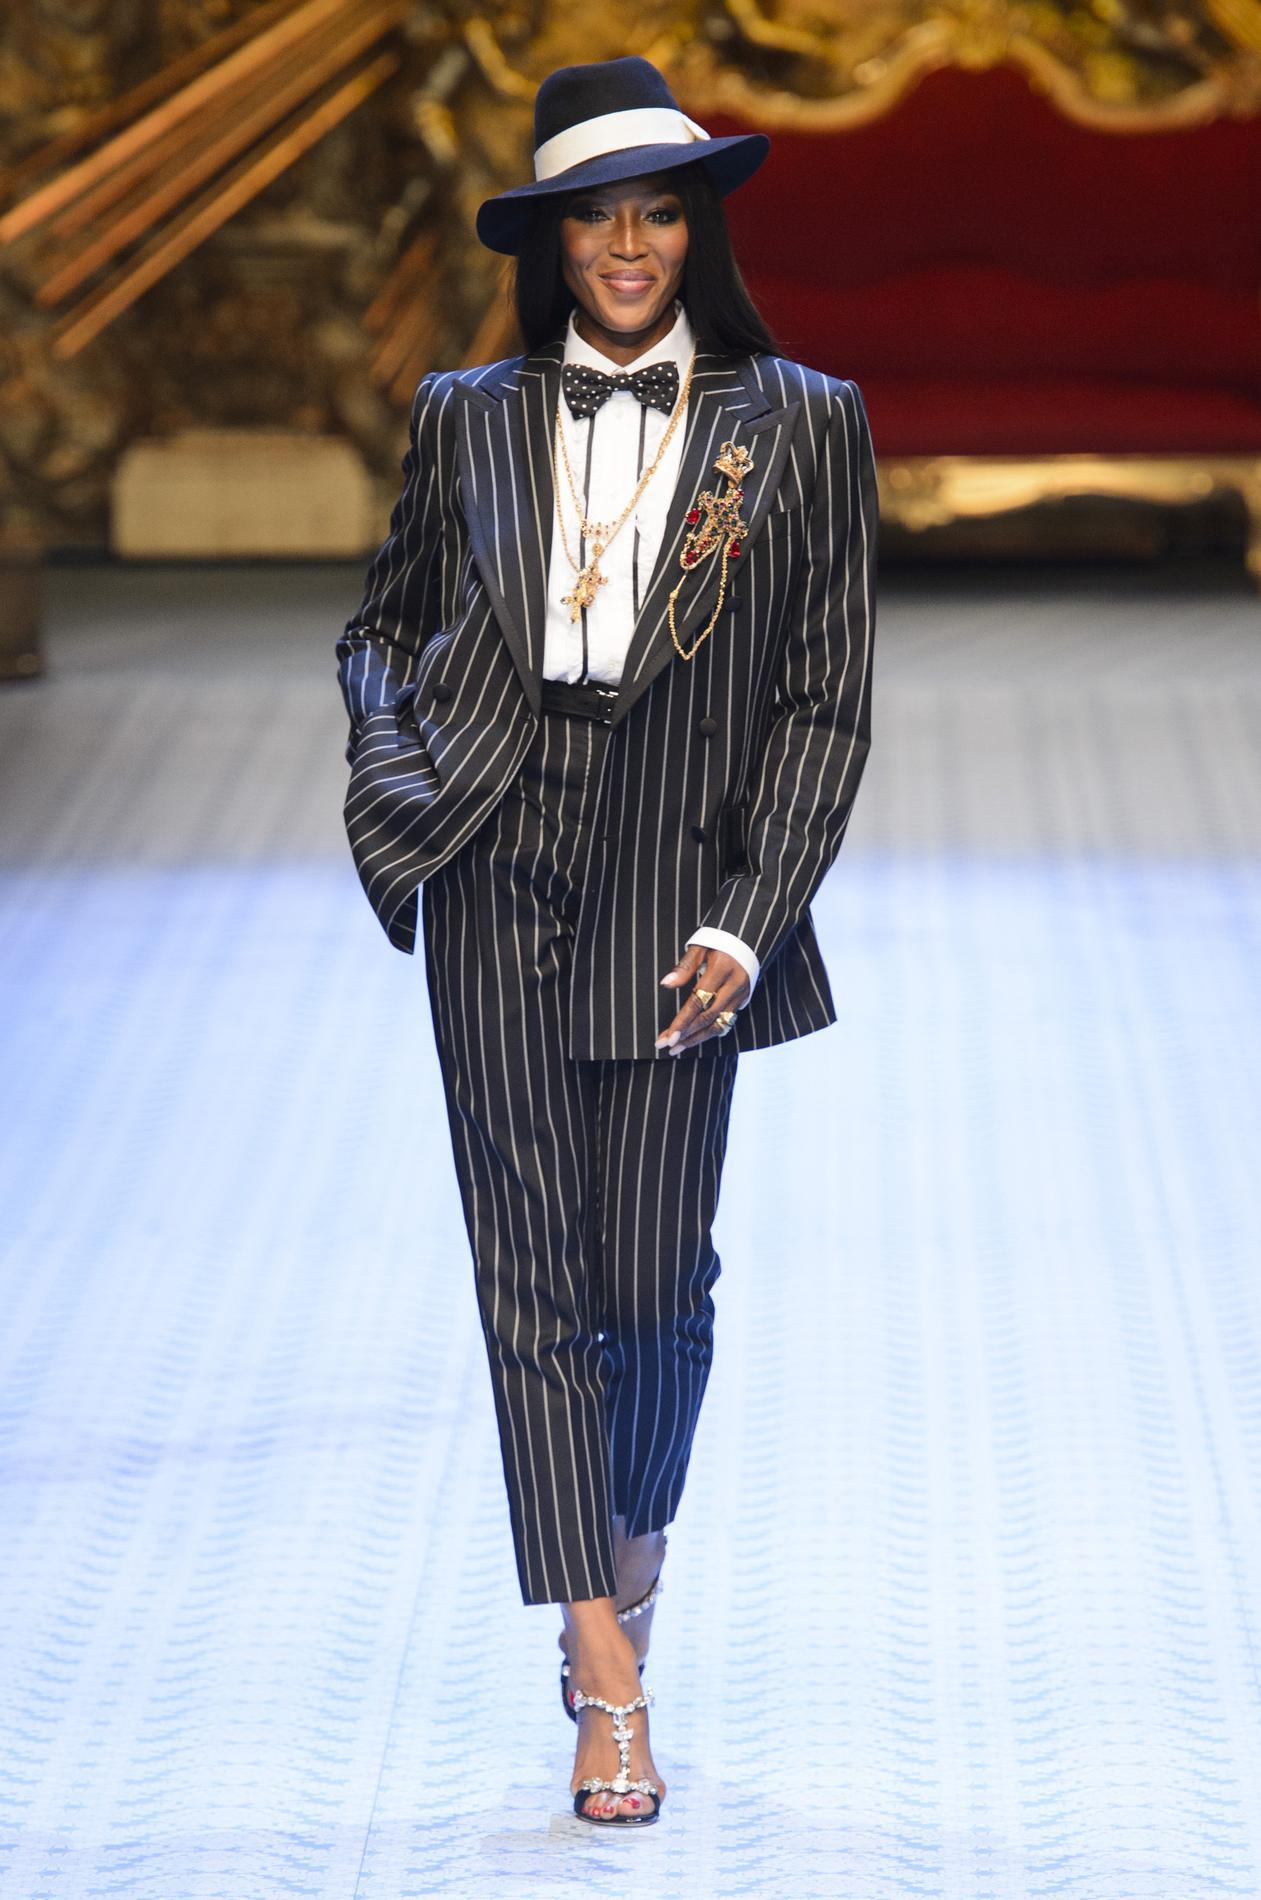 19836238f0 Défilé Dolce & Gabbana printemps-été 2019, Milan - Look 4. Défilé Dolce &  Gabbana printemps-été 2019, Milan ...